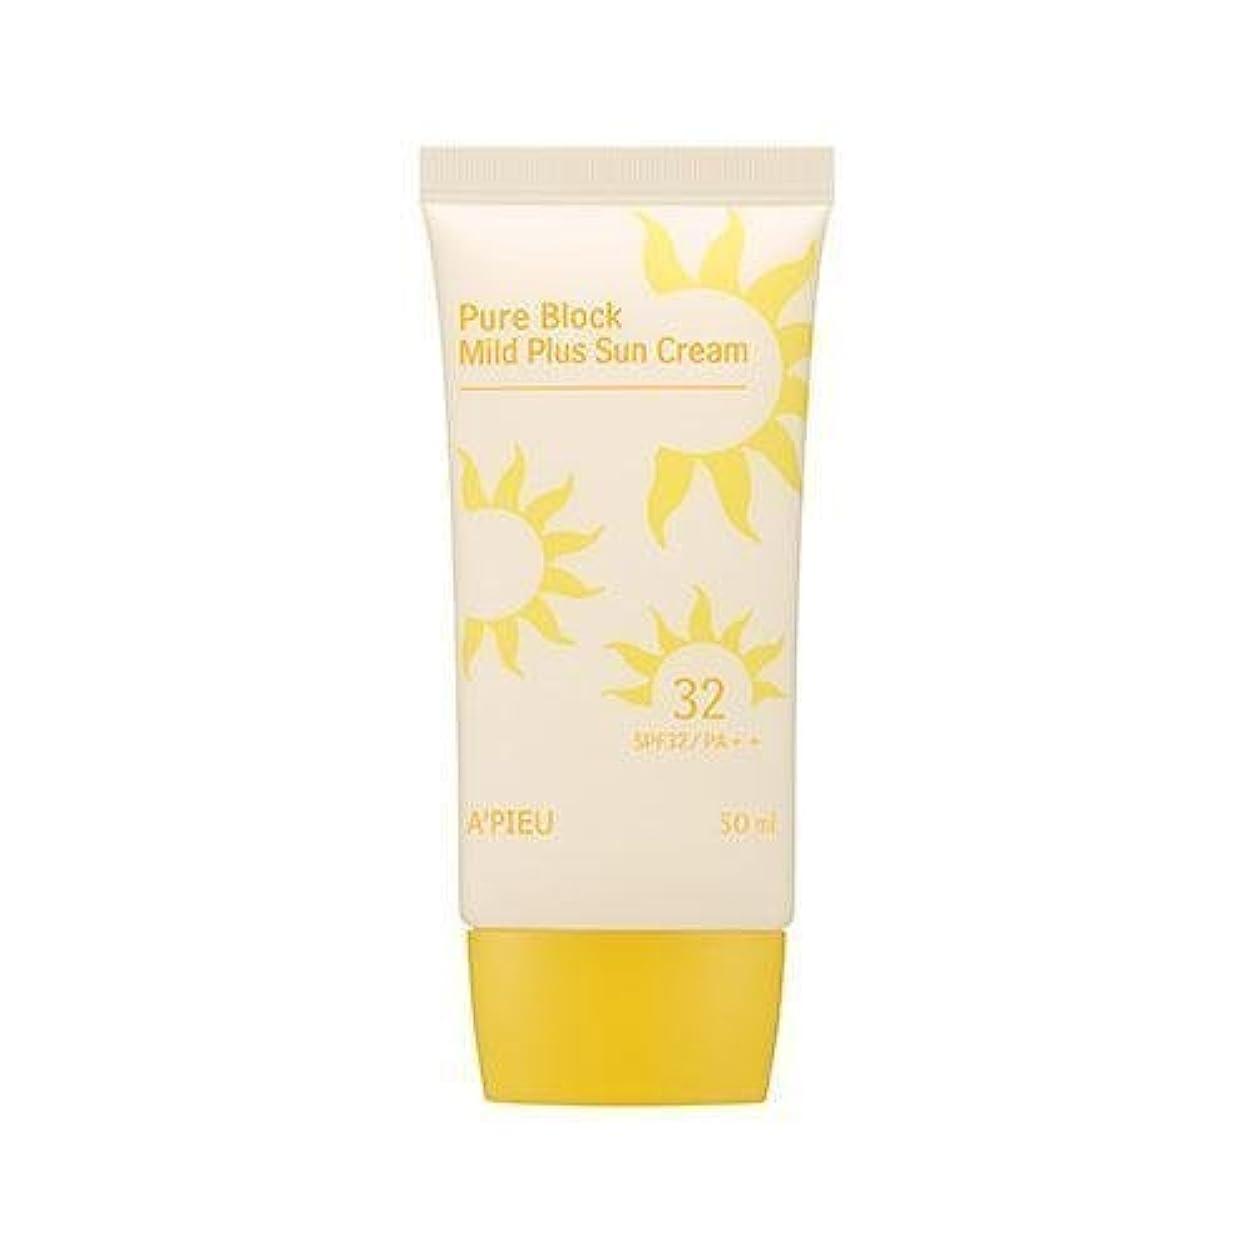 うっかり効能ある冒険者APIEU Pure Block Mild Plus Sun Cream (SPF32/PA++)/ Made in Korea